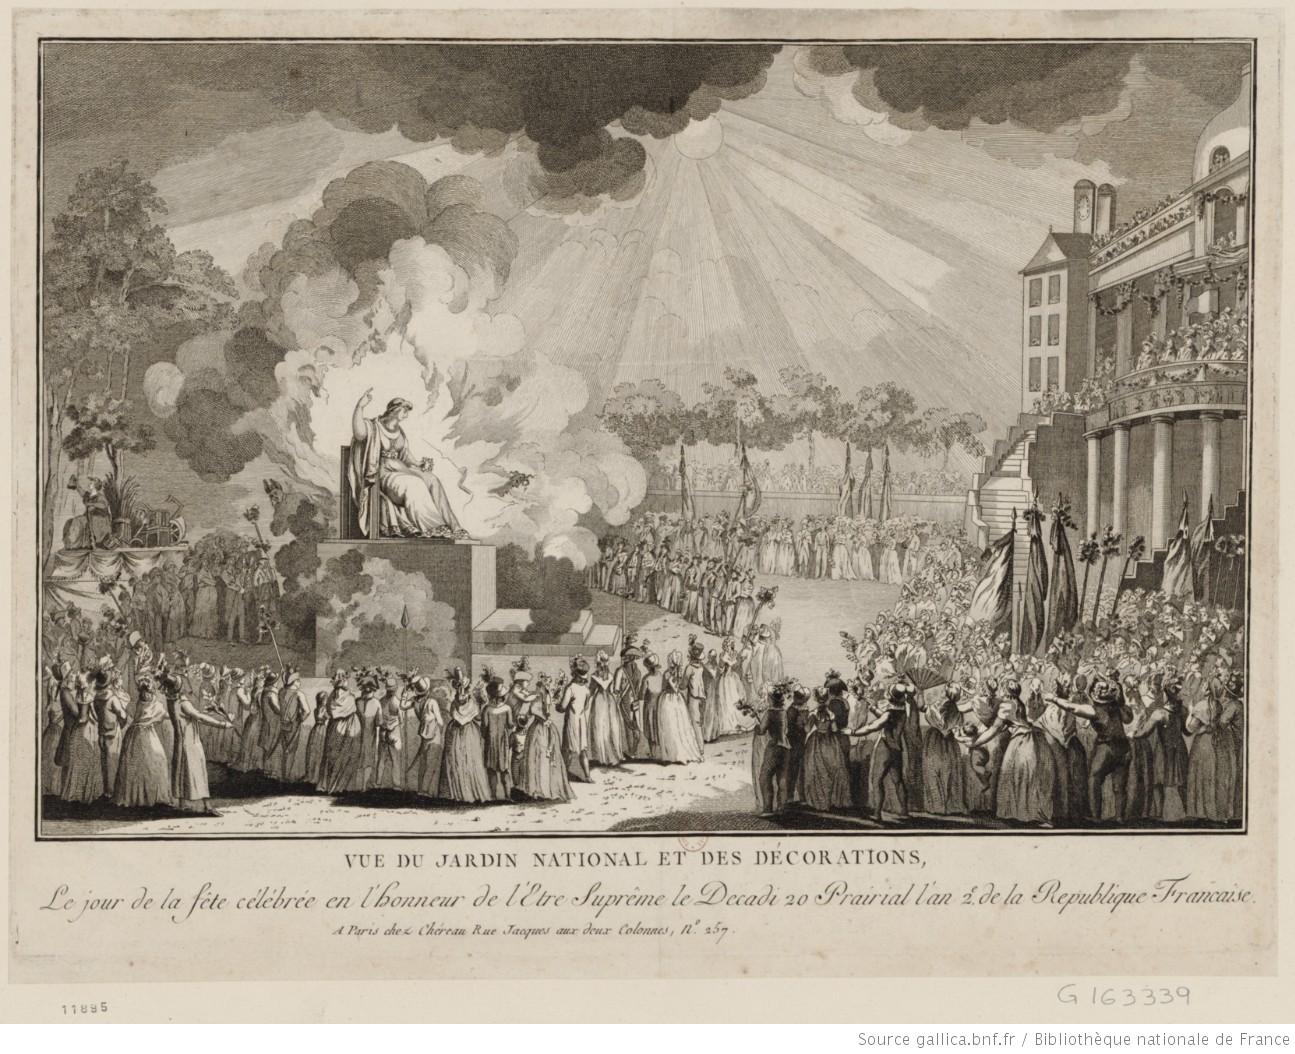 Mai 1794 : Robespierre fait célébrer le culte de l'Être suprême